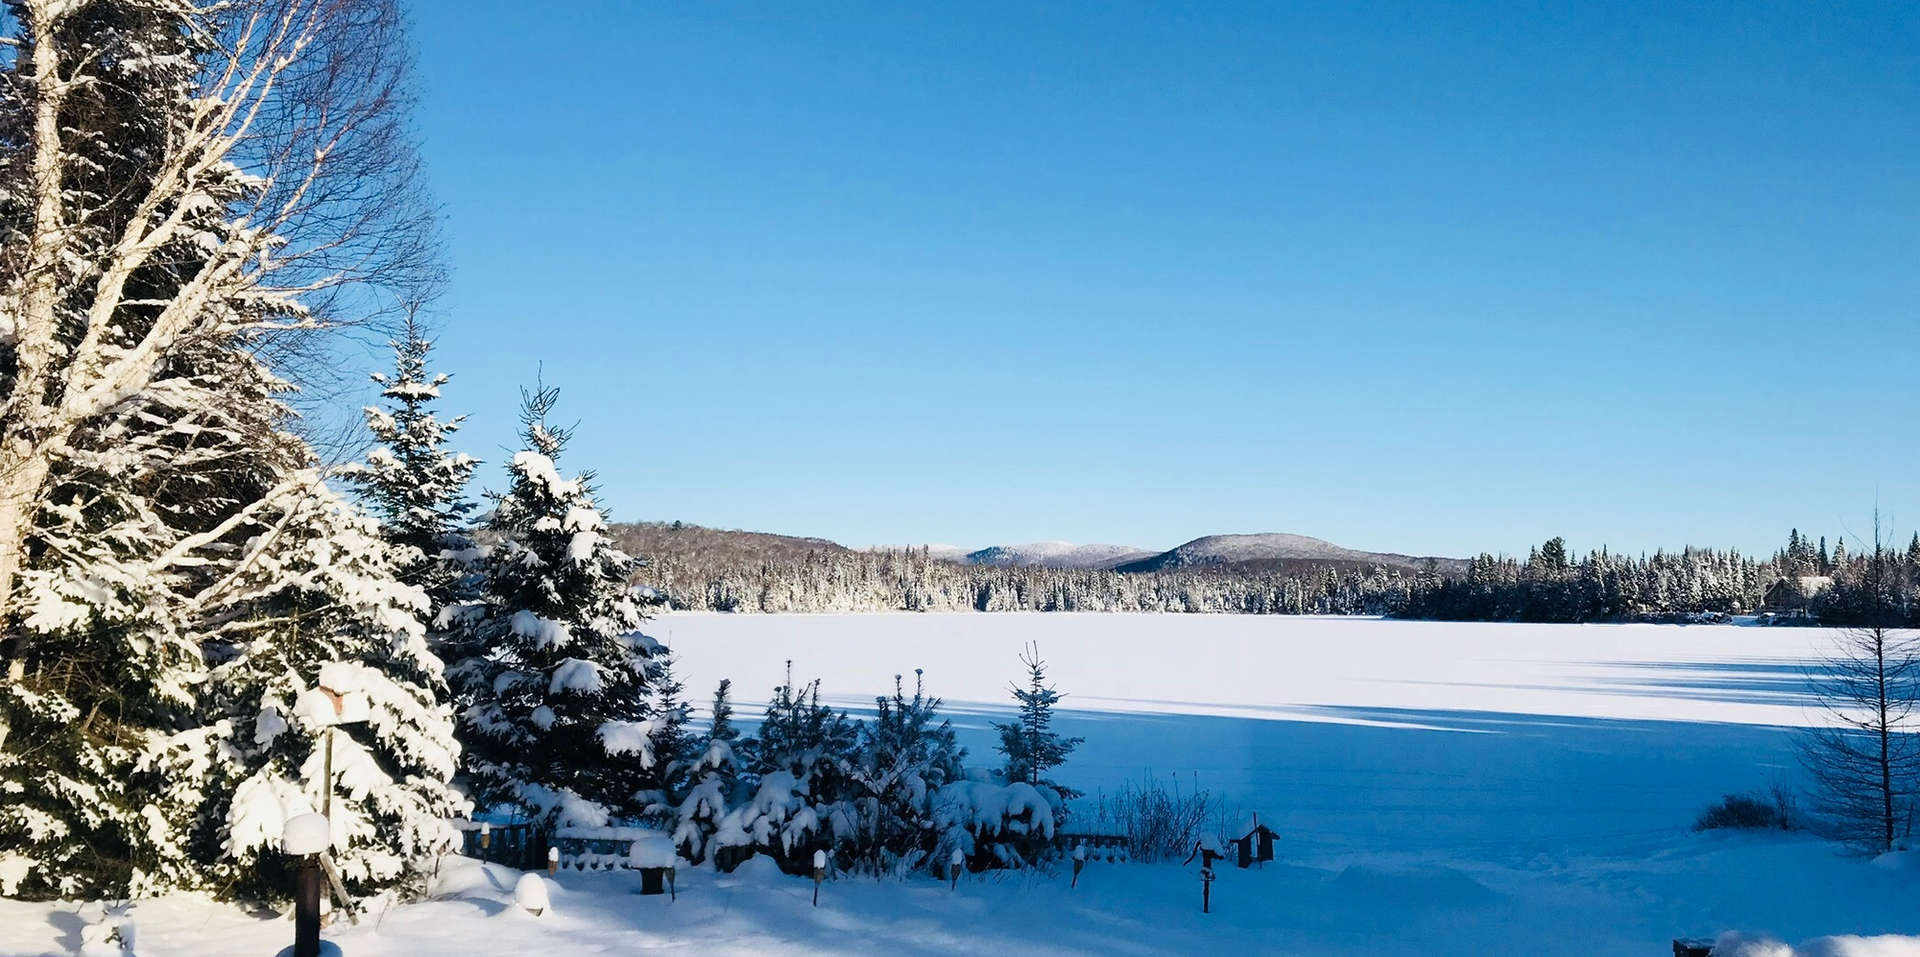 Chalet à louer au Québec   face au lac   4 saisons Le Cocooning L'Ascension   Vue de l'intérieur en hiver